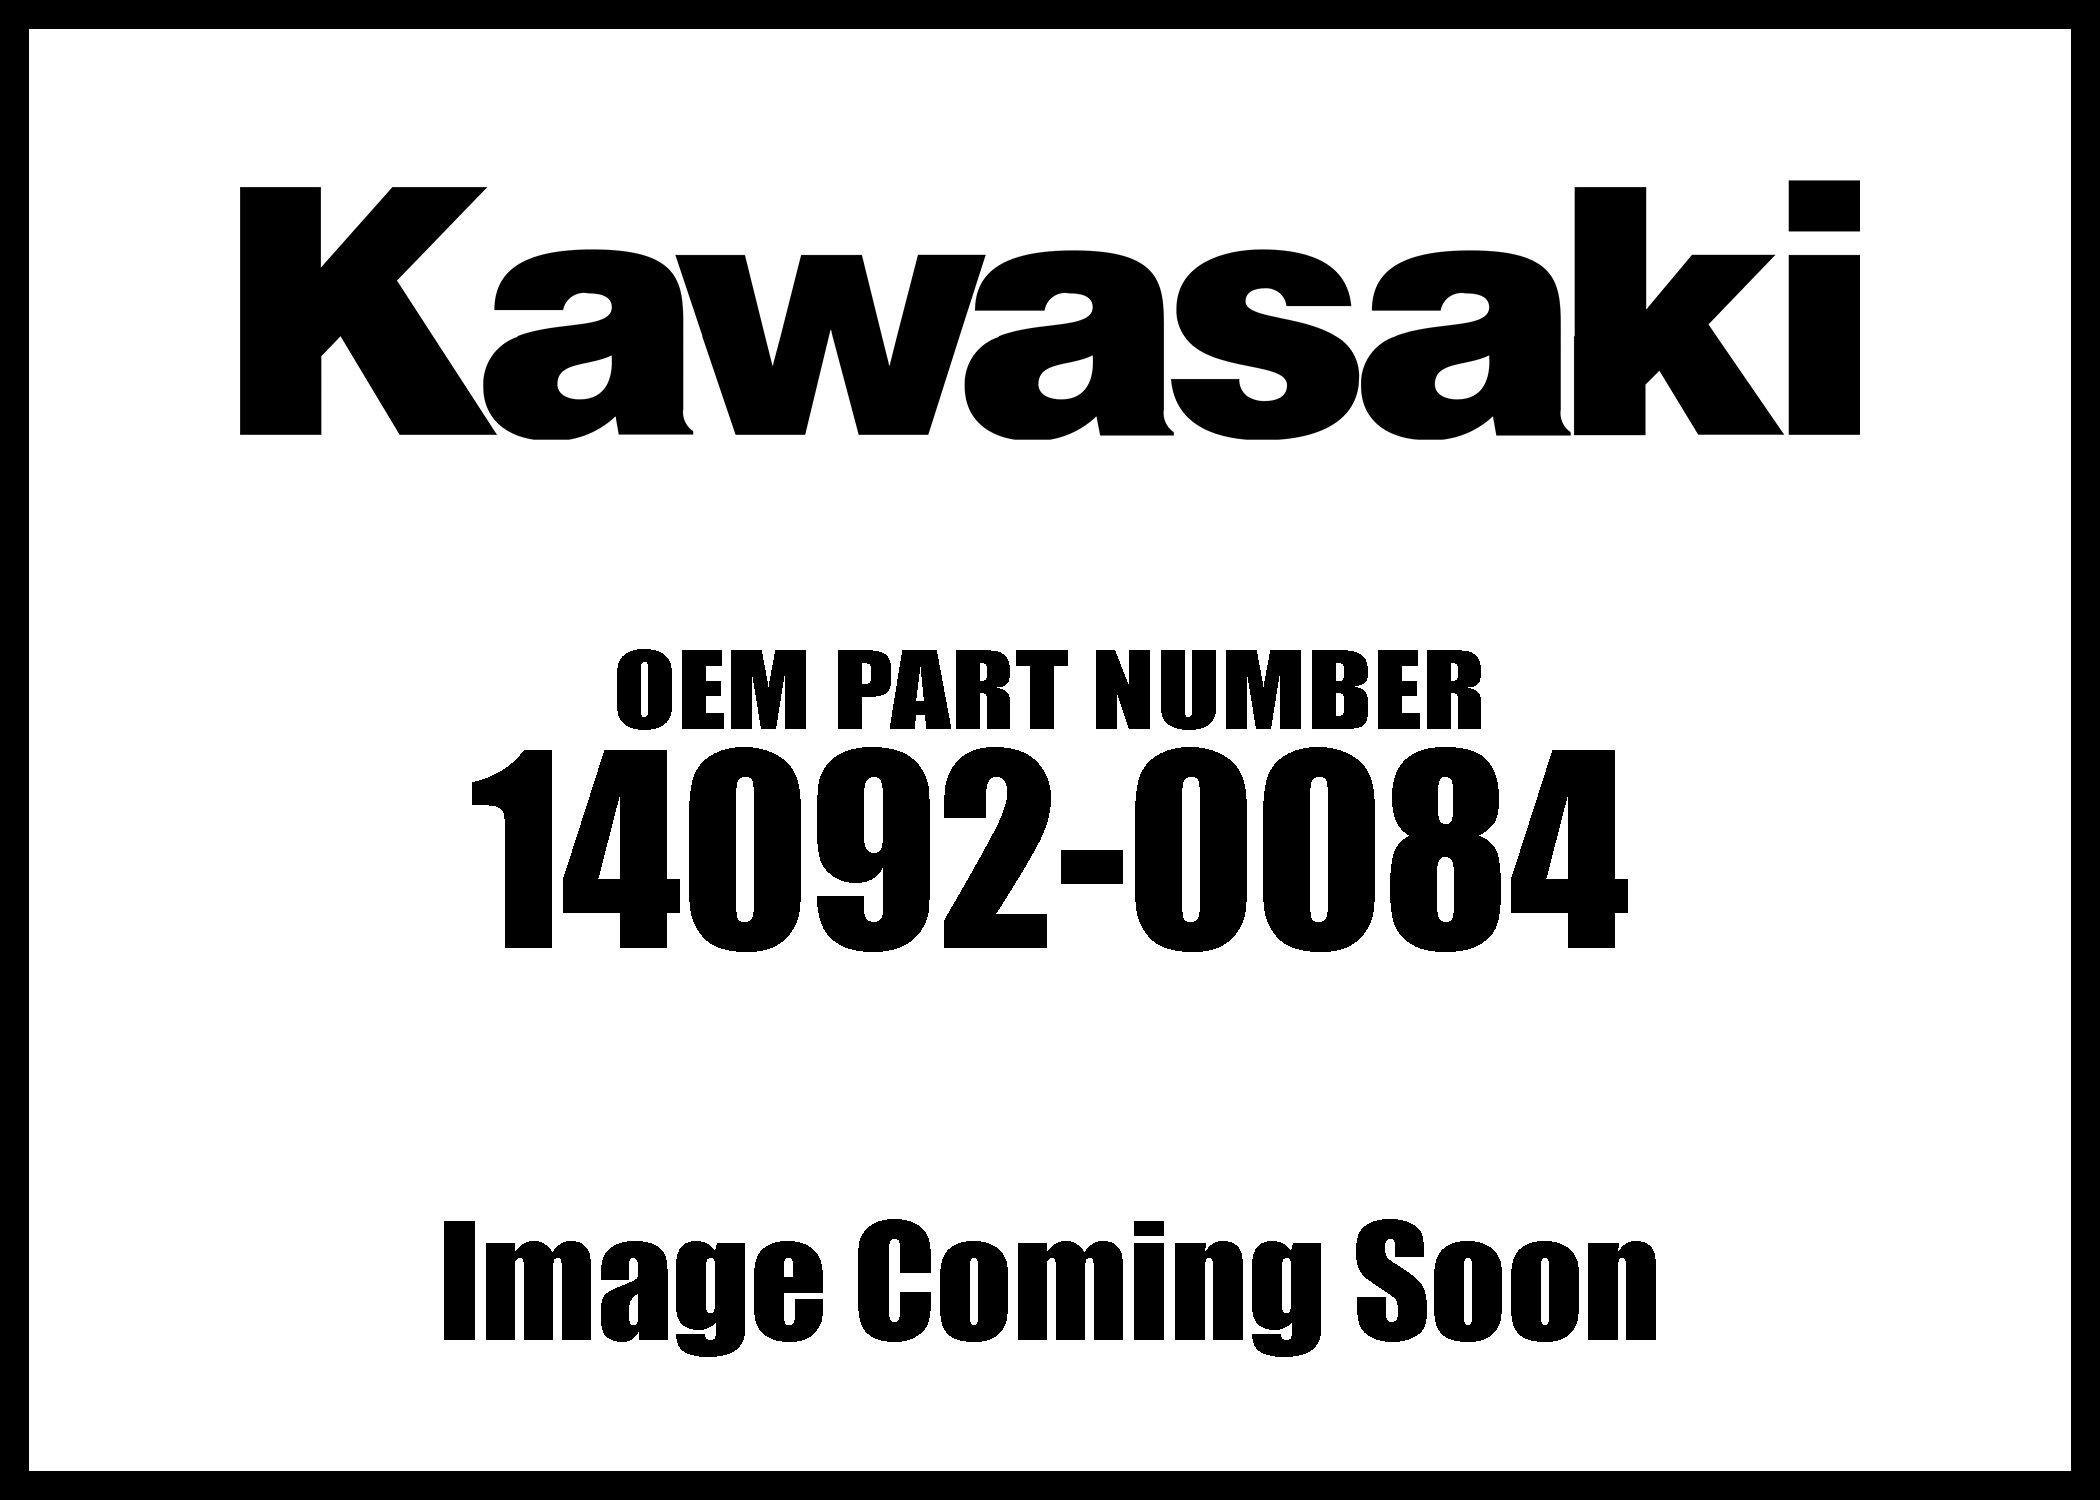 Kawasaki 2010-2012 Teryx 750 Fi 4X4 Teryx 750 Fi 4X4 Sport Cover 14092-0084 New Oem